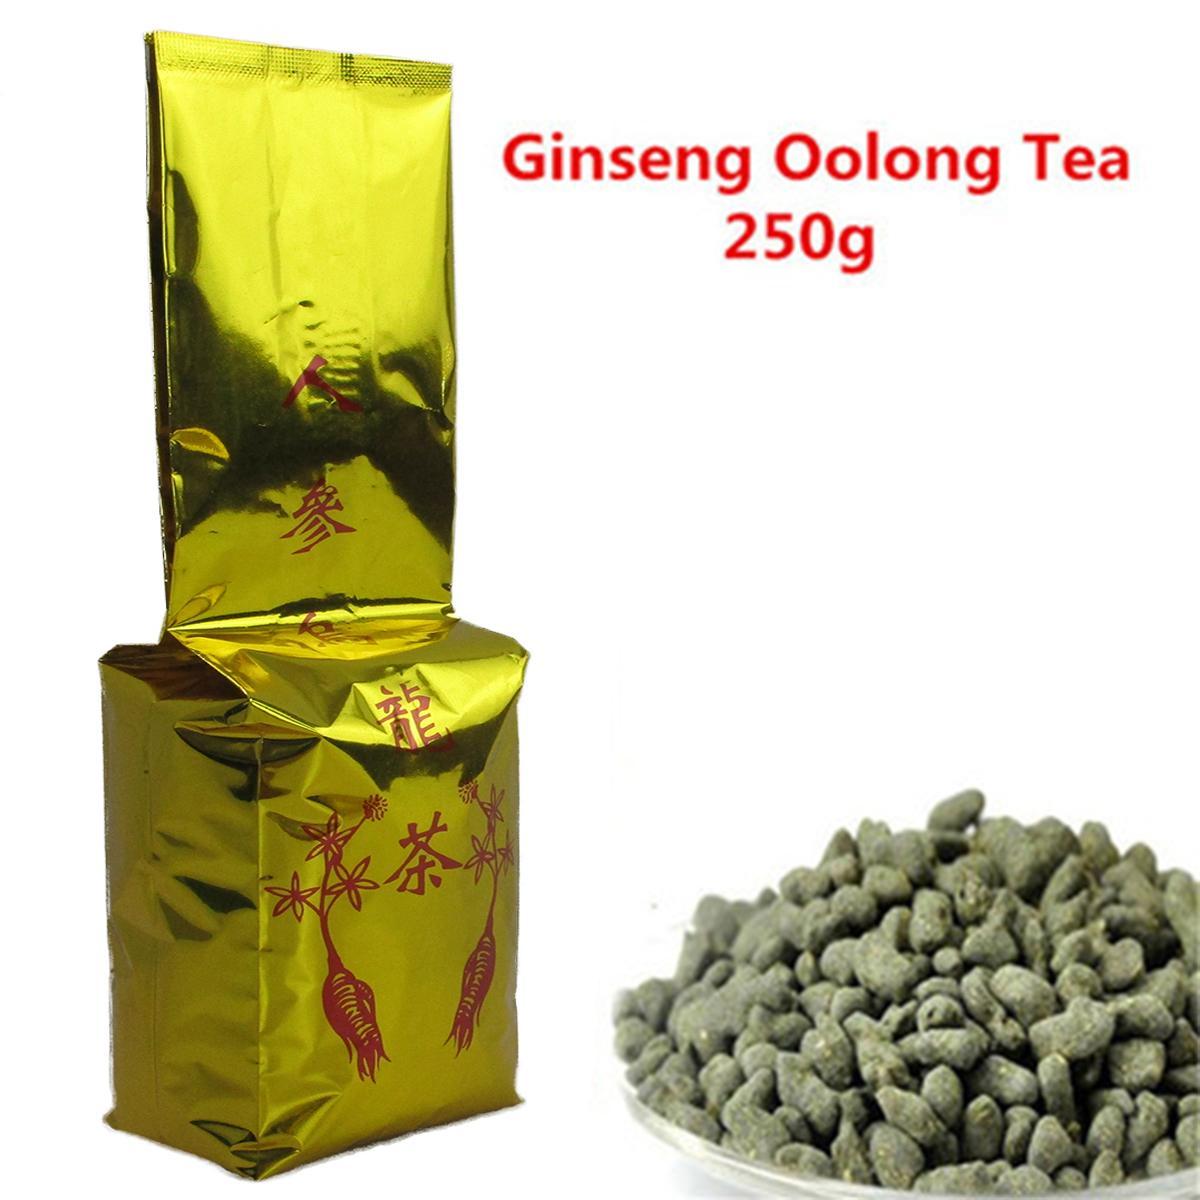 Tercih 250g Çin Organik Ginseng Oolong Çay Taze Doğal Yüksek Kaliteli Yeşil Çay Yeni Bahar Çay Sağlıklı Yeşil Yemek